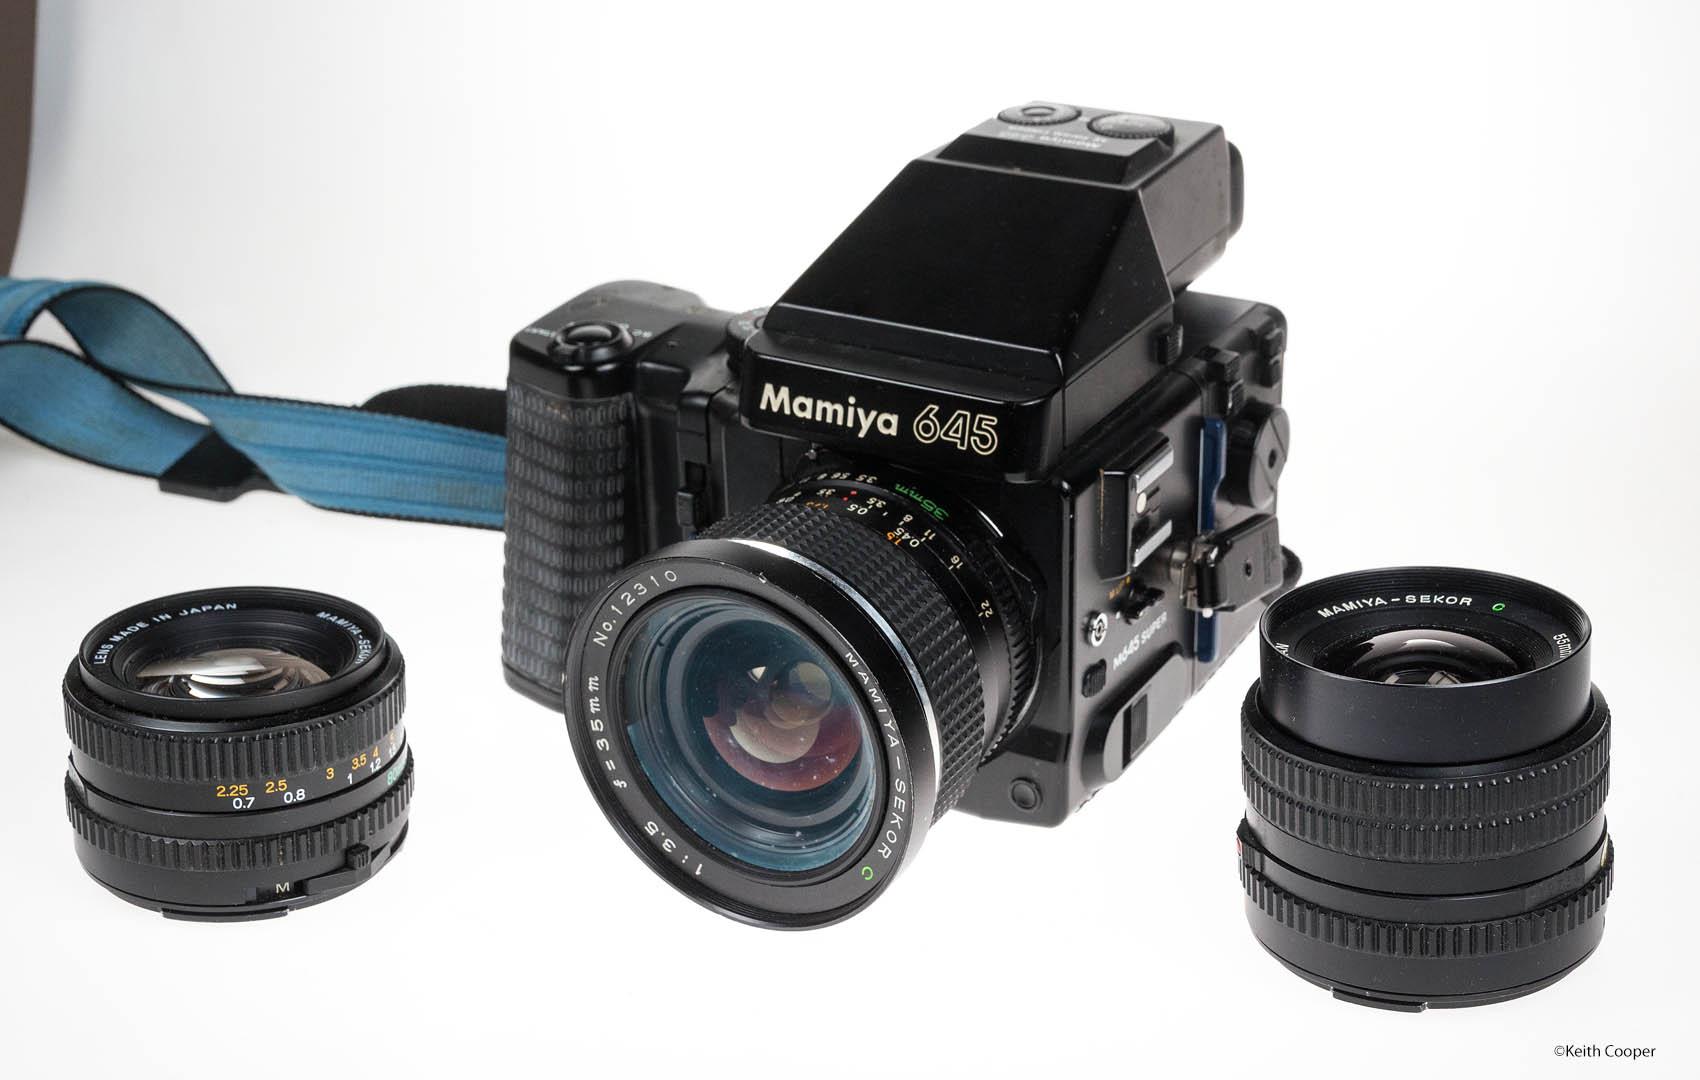 Mamiya 645 camera with 35mm, 55mm and 80mm lenses